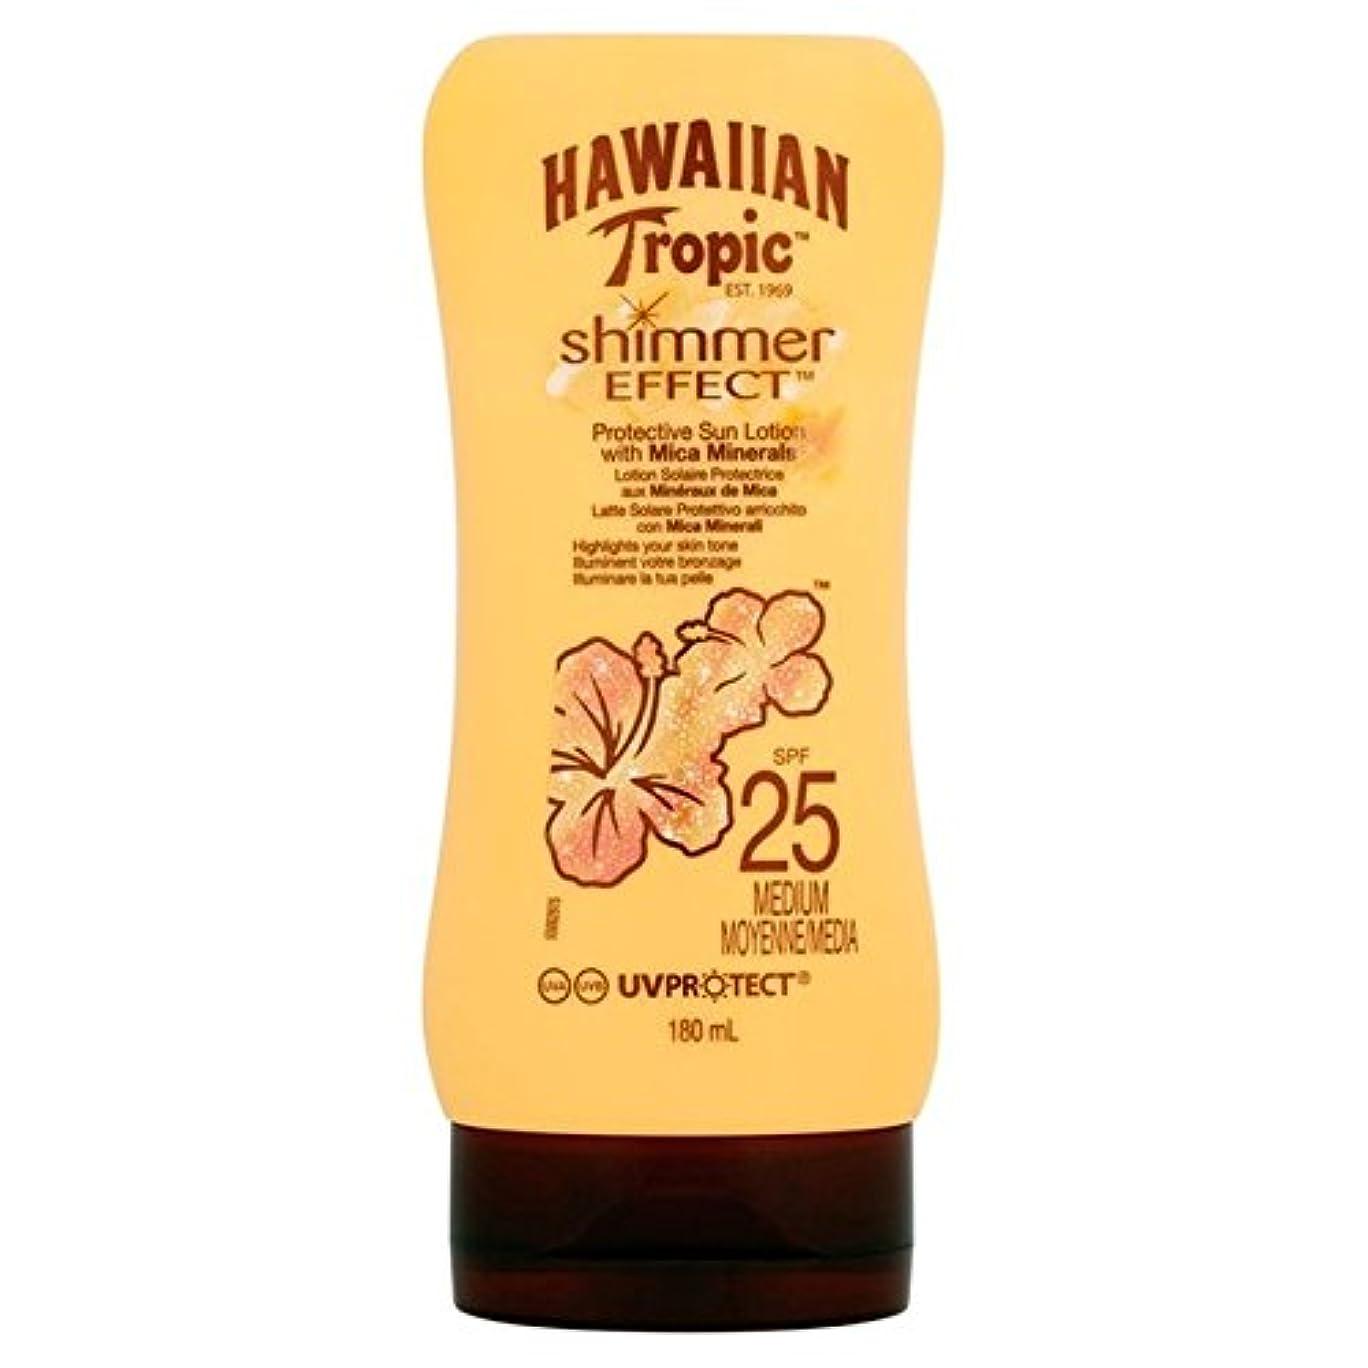 日食ほとんどの場合力南国ハワイシルクきらめき効果の日焼け止めクリーム 25 180ミリリットル x4 - Hawaiian Tropic Silk Shimmer Effect Sun Cream SPF 25 180ml (Pack of 4) [並行輸入品]